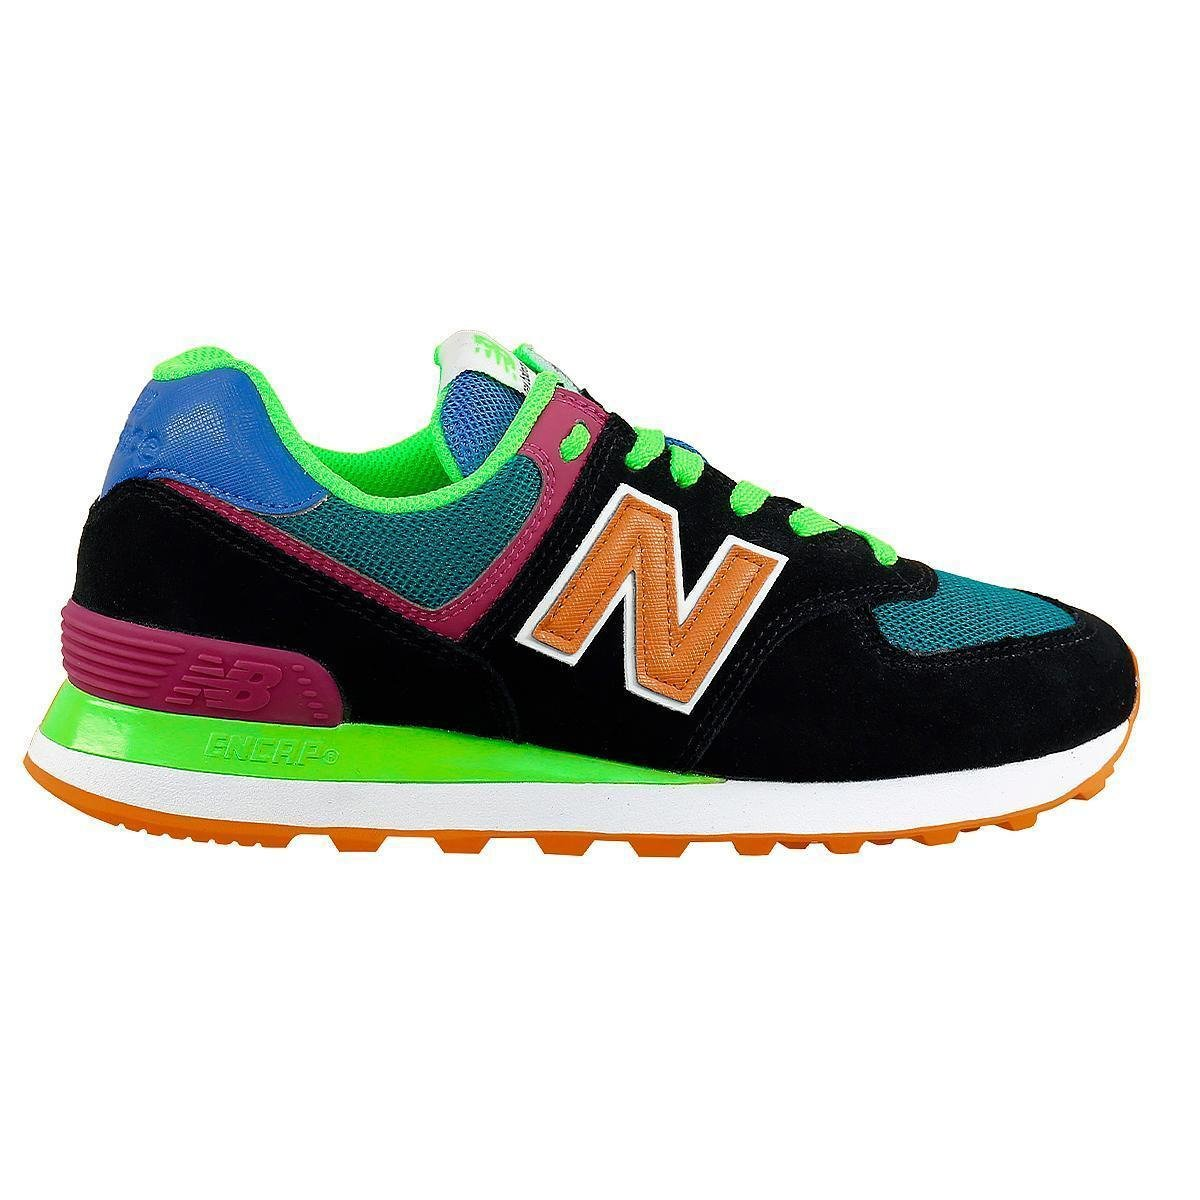 Tênis New Balance 574 - Preto Verde Limão | Netshoes